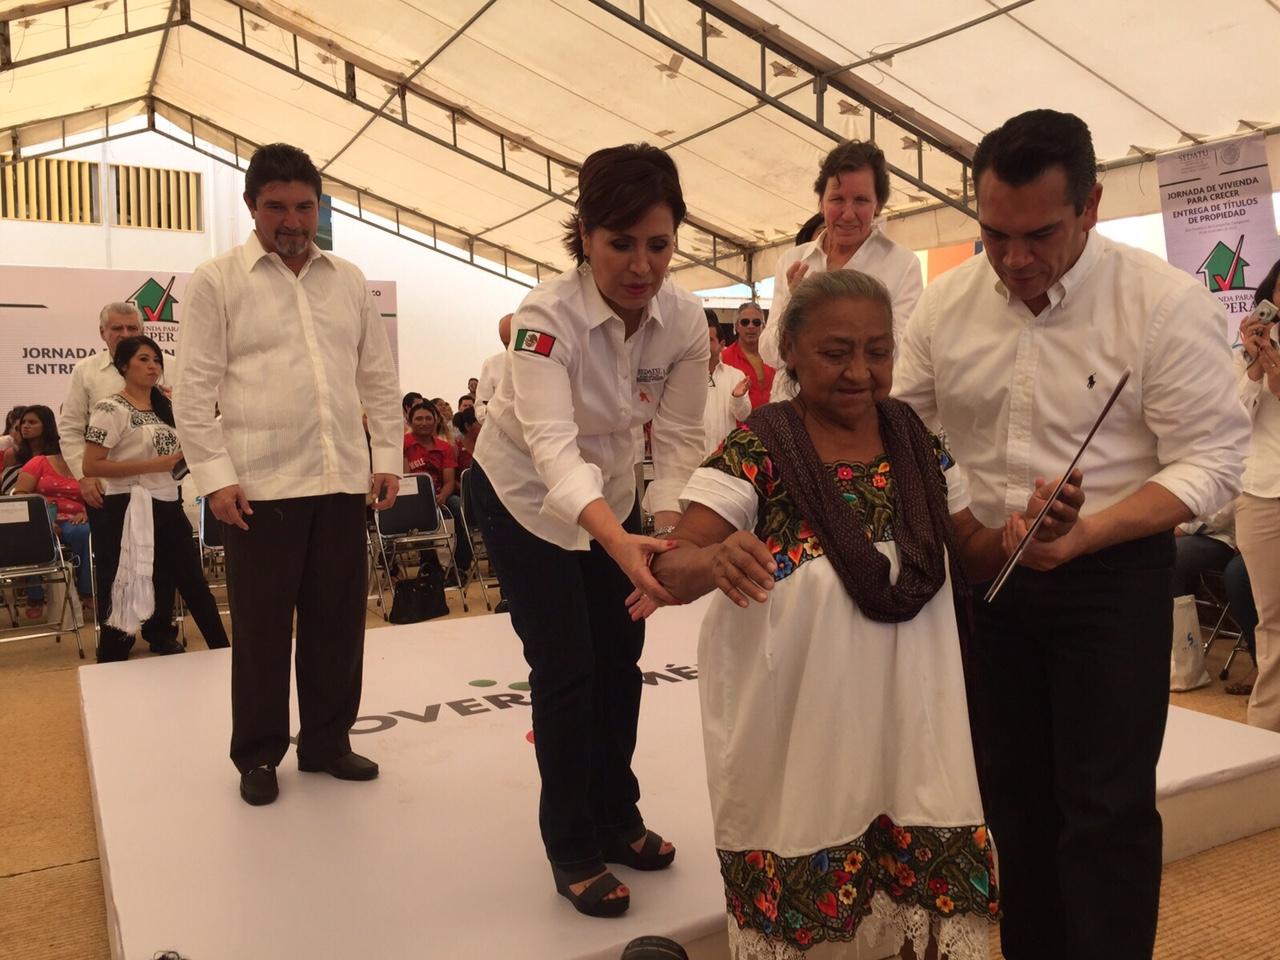 """La titular de SEDATU, Rosario Robles Berlanga, ayuda a Benita, una persona con discapacidad, y quien es una beneficiaria de los programas de """"Vivienda para Prosperar"""", ya que se le entregará una vivienda modificada con señalizaciones especiales."""